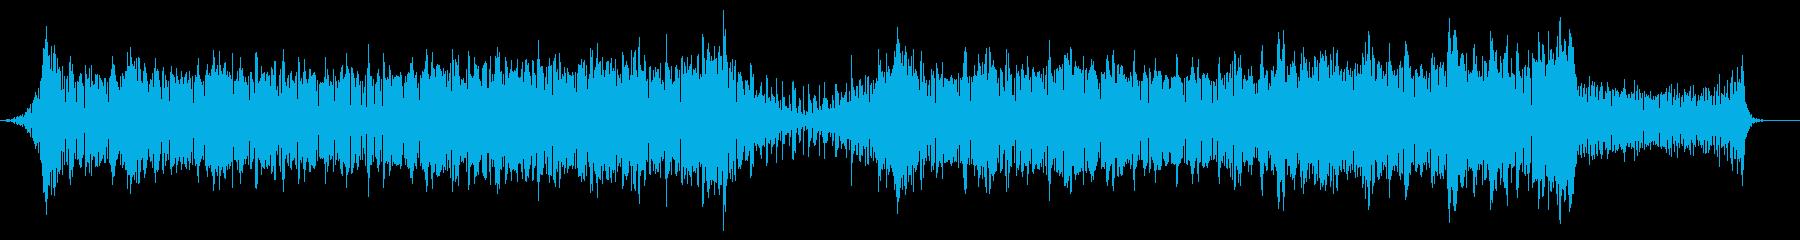 ゲーム向けのダークなBGMの再生済みの波形